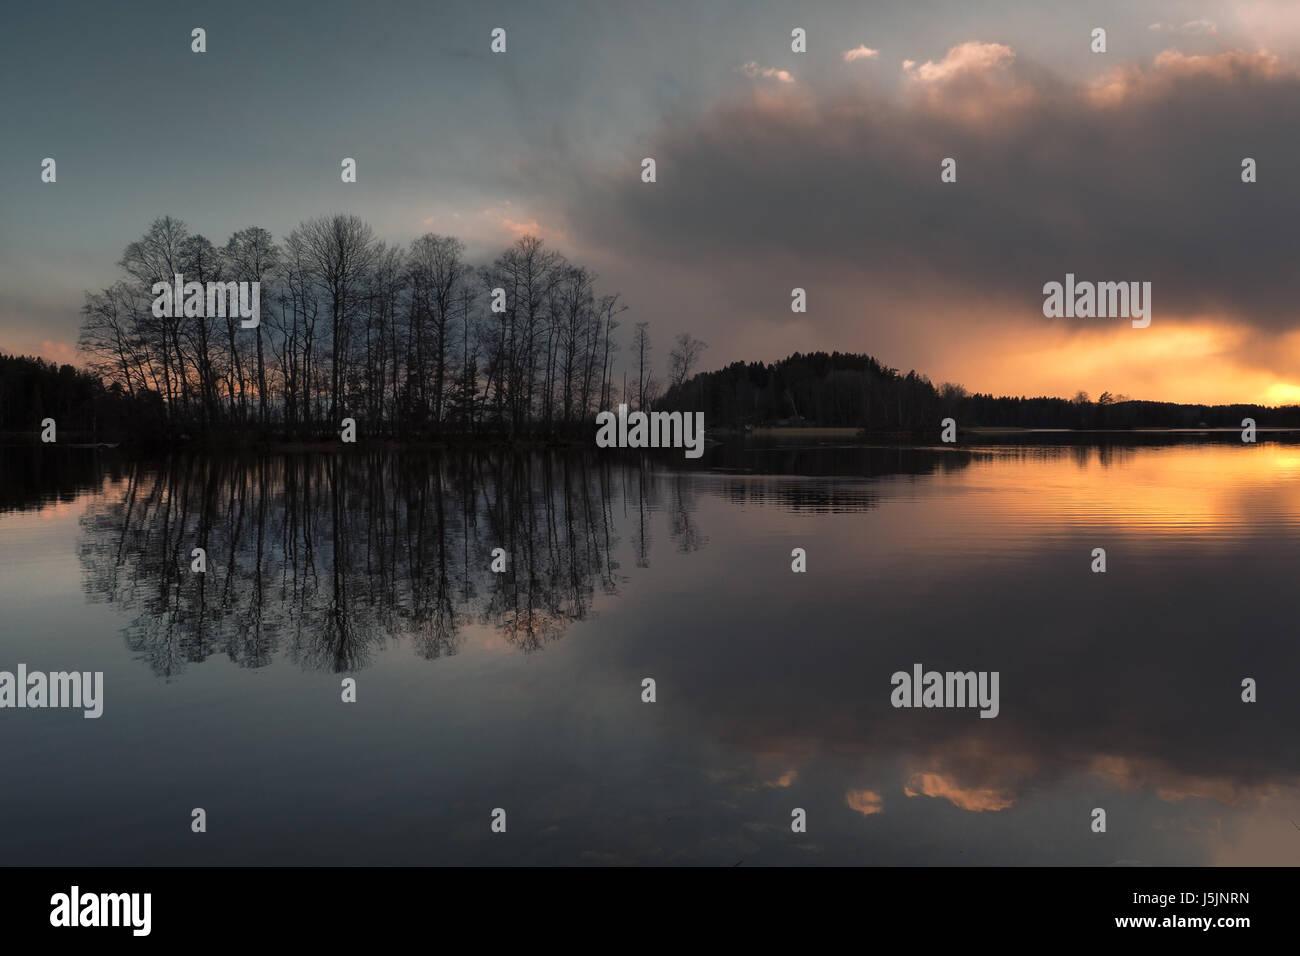 Beautiful sunset - Stock Image